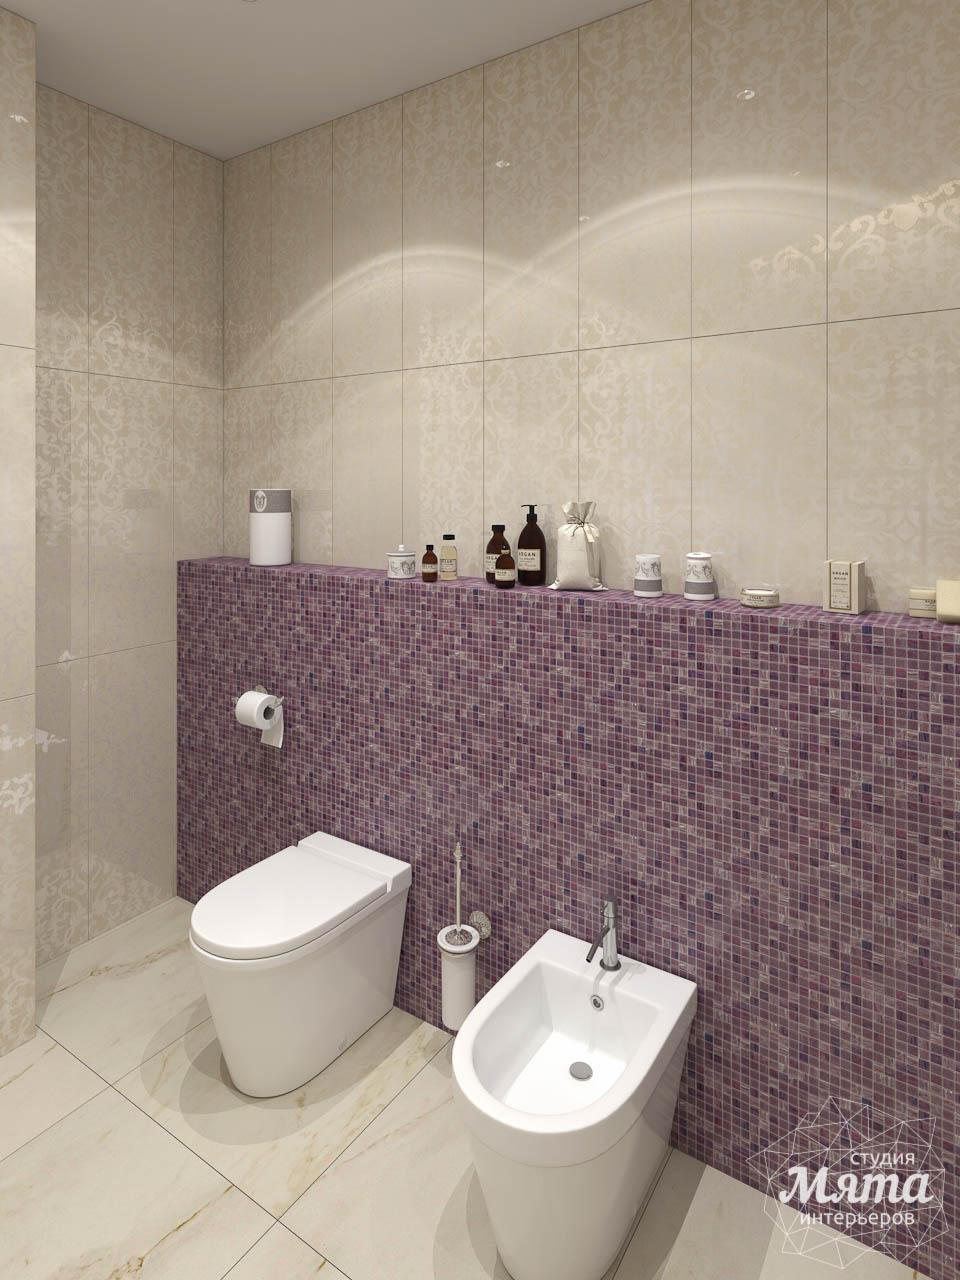 Дизайн интерьера коттеджа в п. Дубрава img560966949